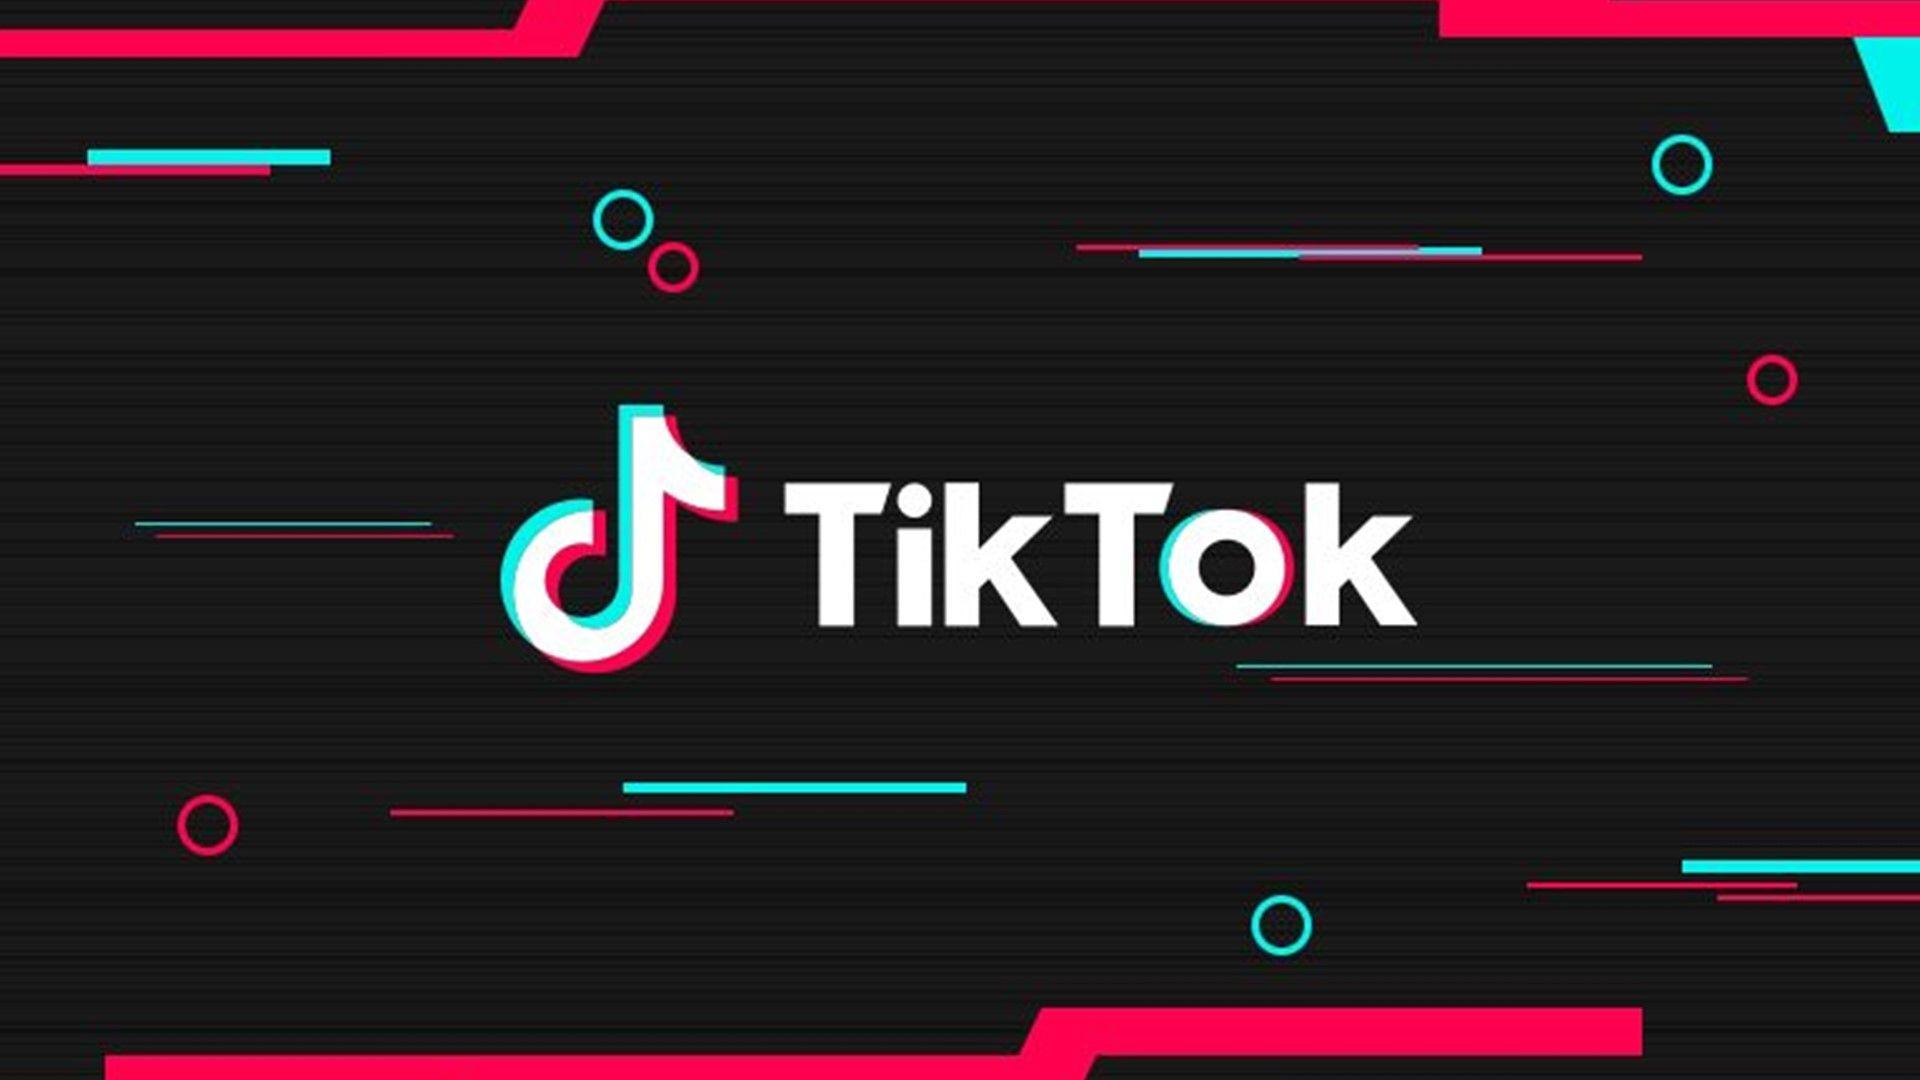 Компания Bytedance создатели сервиса TikTok, начинают разработку собственных игр